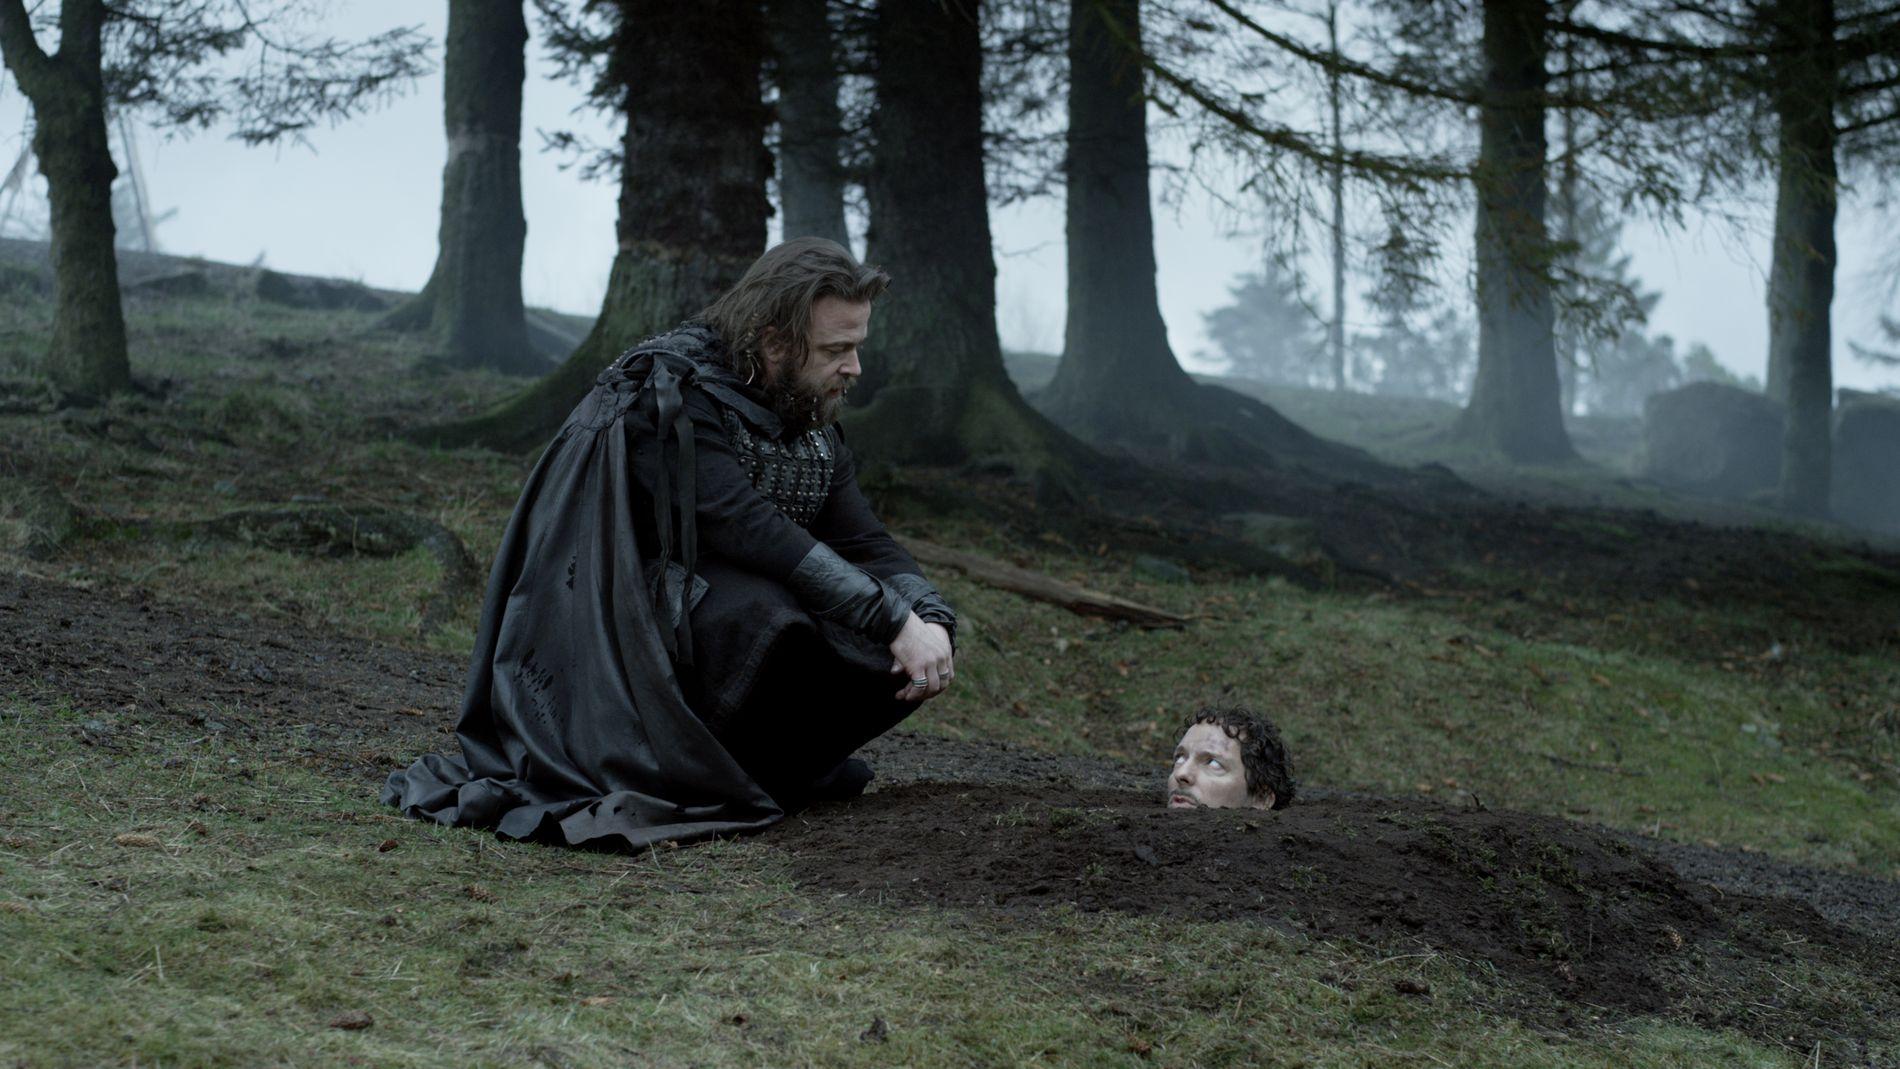 Kåre Conradi og Trond Fausa Aurvåg spiller to av hovedrollene i komiserien Vikingane, som spilles inn på Avaldsnes i disse dager.